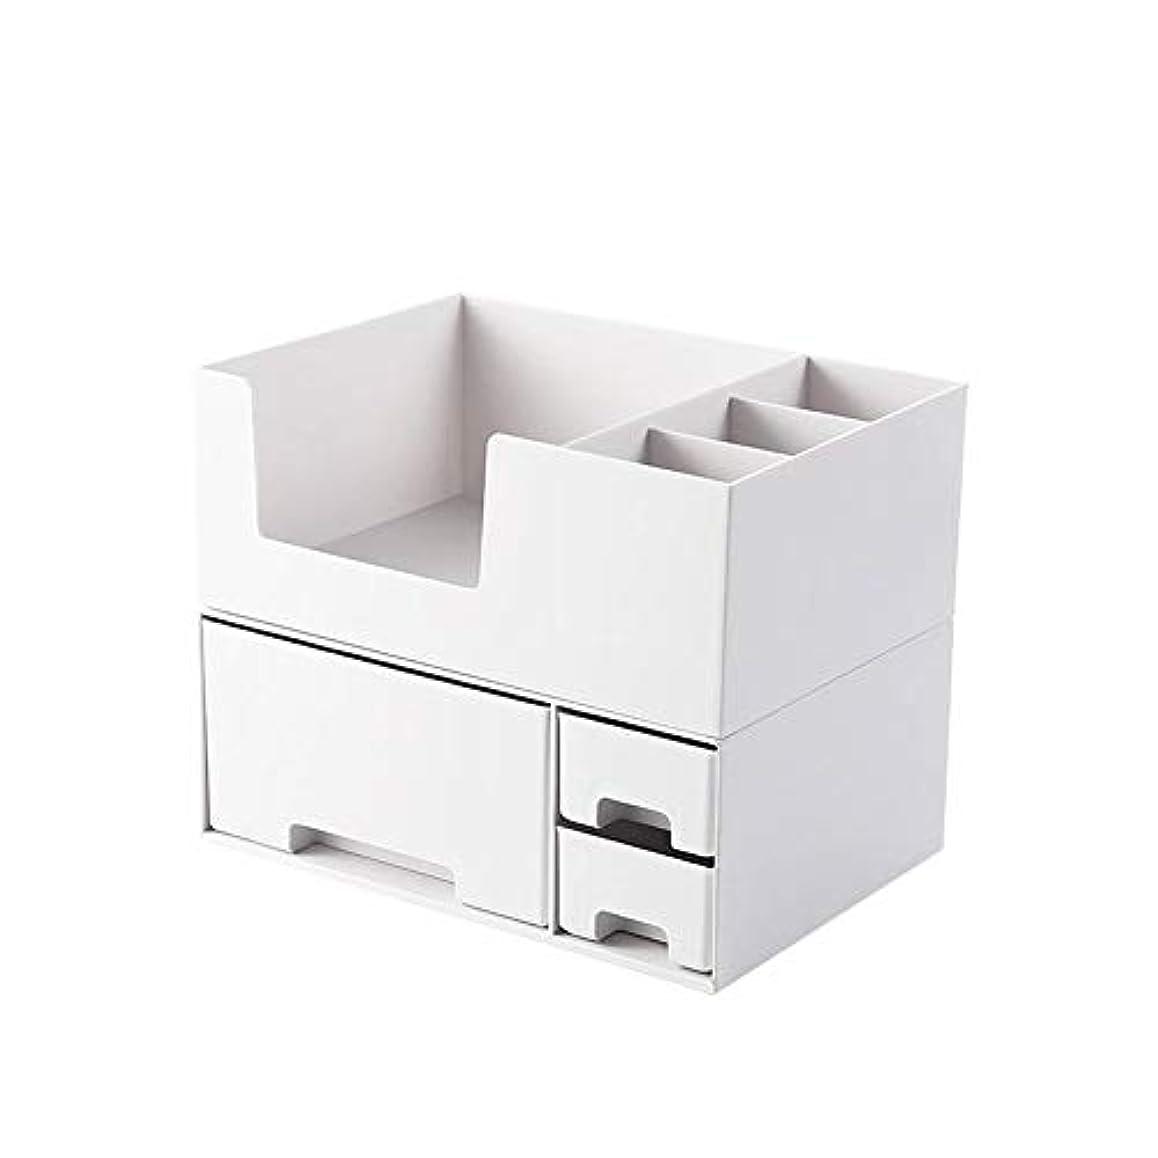 ひねくれた音楽面白いBostar 化粧品収納ボックス メイクボックス コスメケース 引き出し 小物入れ 収納ケース 整理簡単 北欧 おしゃれ ホワイト